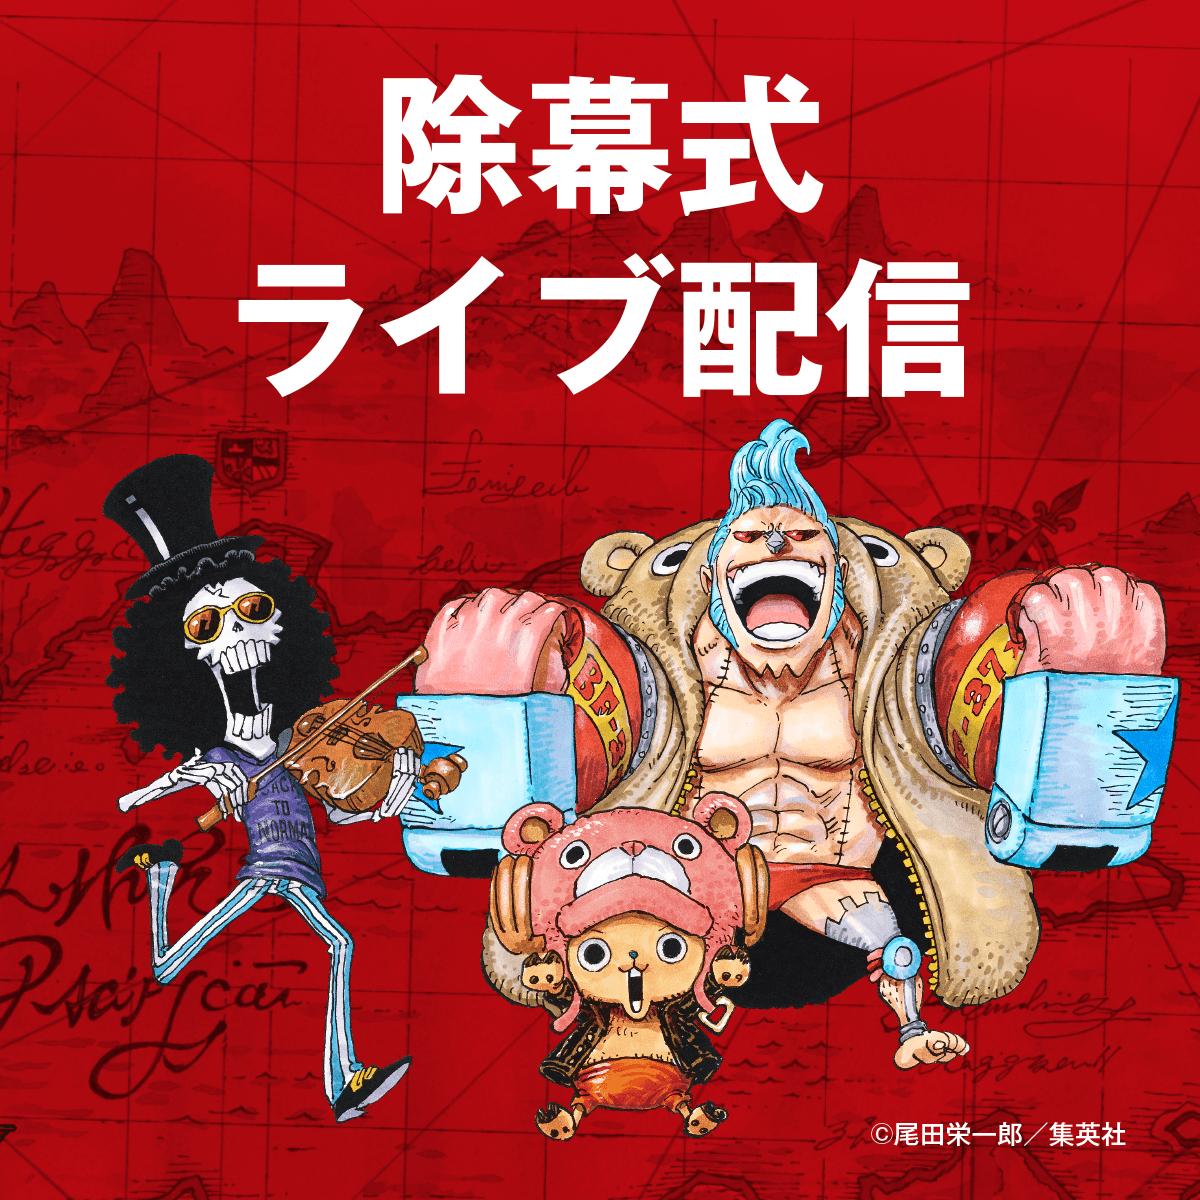 チョッパー、ブルック、フランキー除幕式ライブ配信!!